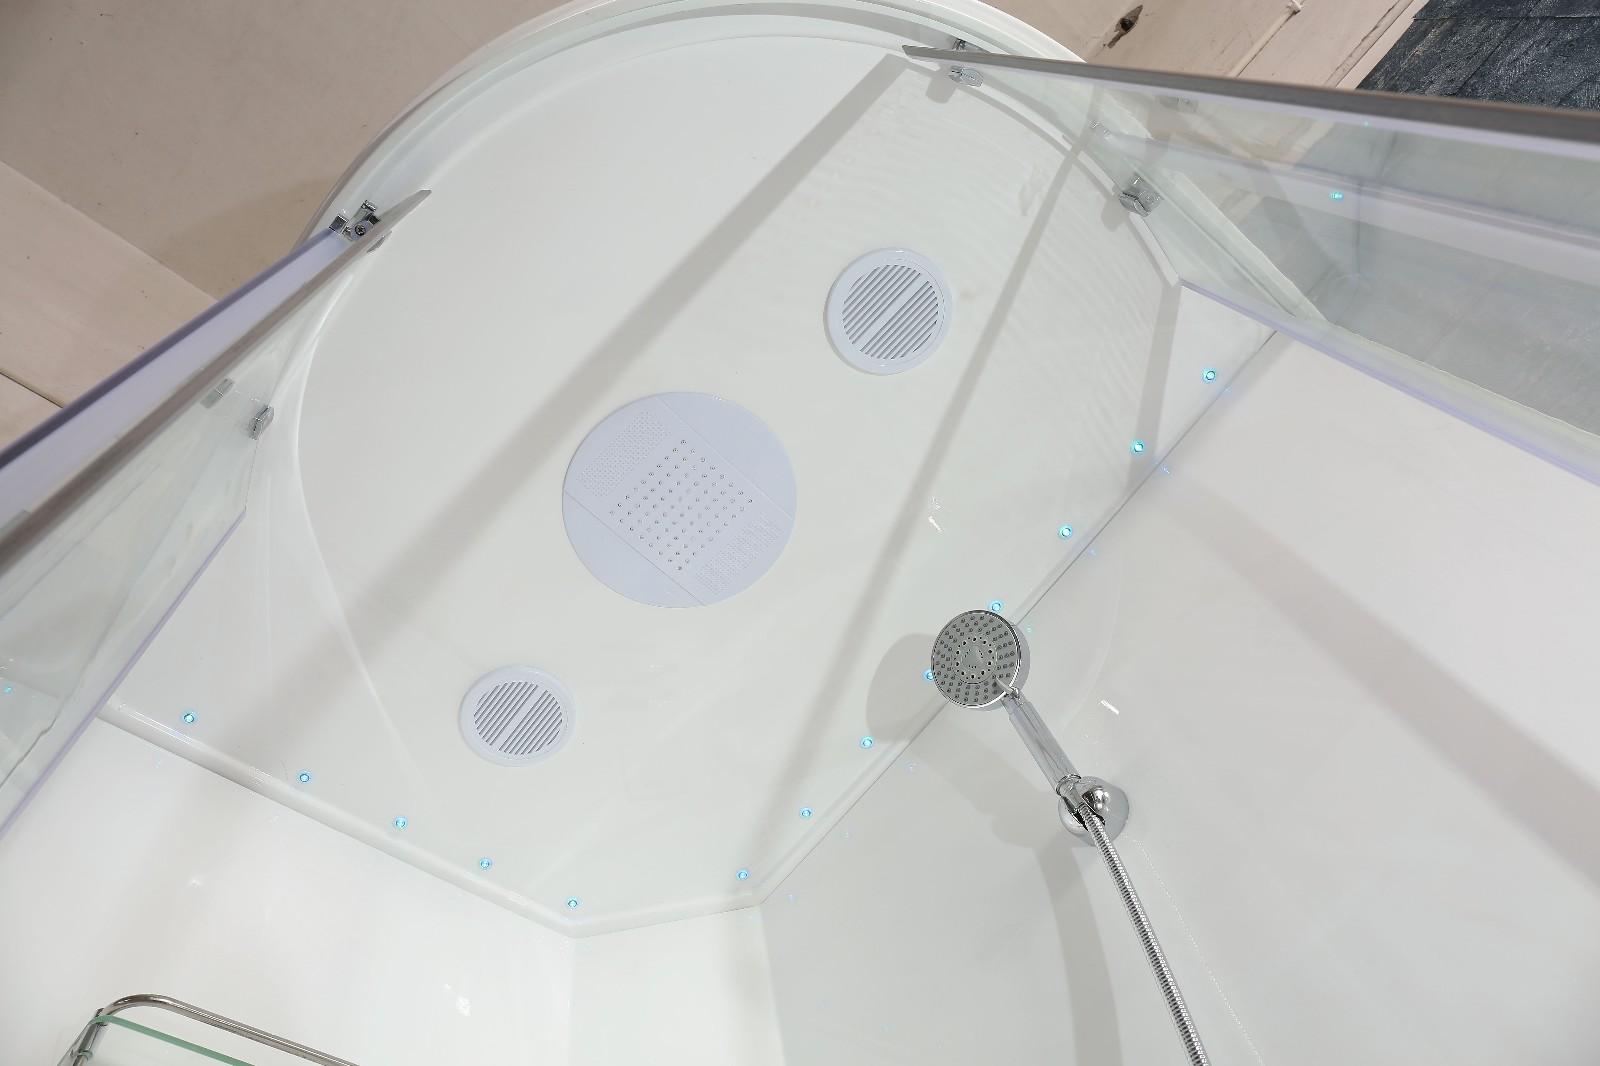 YT-008-5--Corner Installation R- Shape Sliding Glass Shower Cabin Room-3.jpg